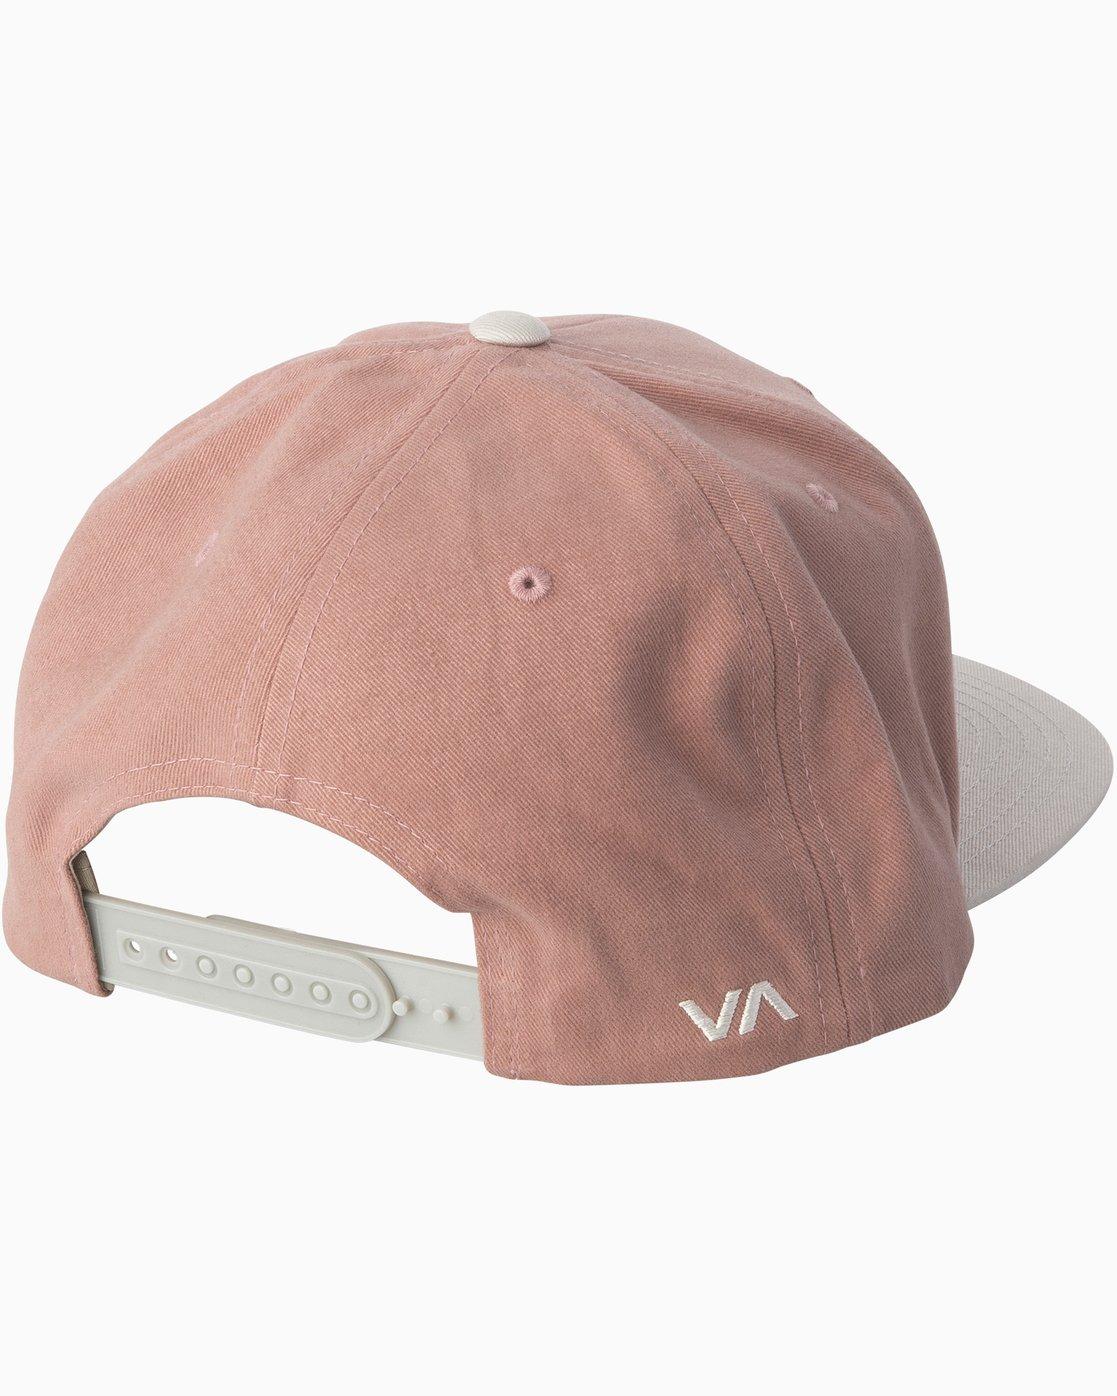 1 RVCA Twill Snapback III Hat Brown MAAHWRSB RVCA